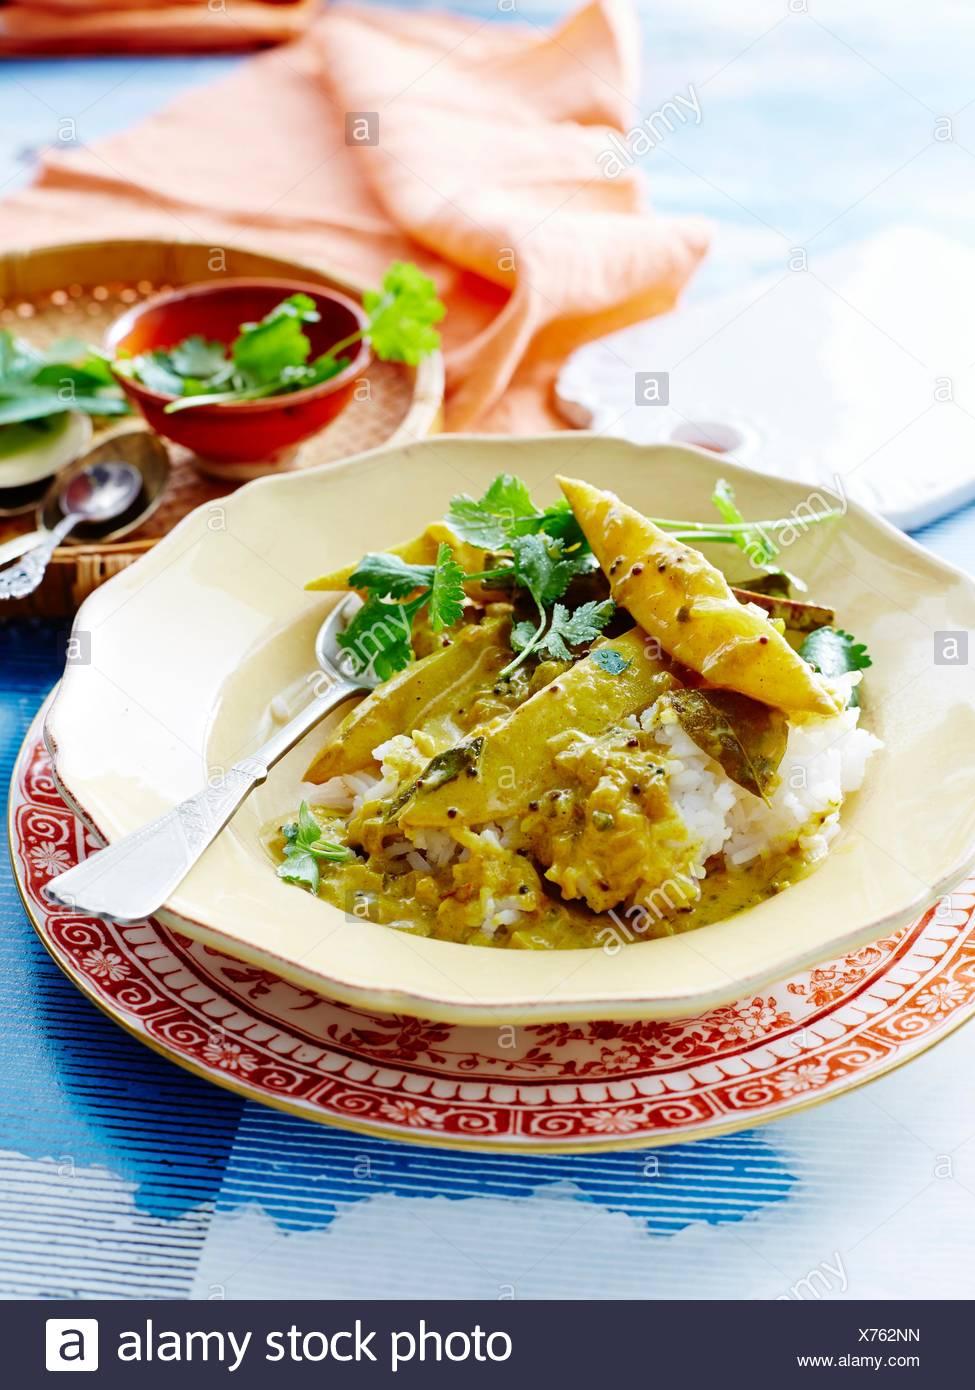 Elevato angolo di visualizzazione dello Sri Lanka mango curry e riso guarnendo con coriandolo Immagini Stock